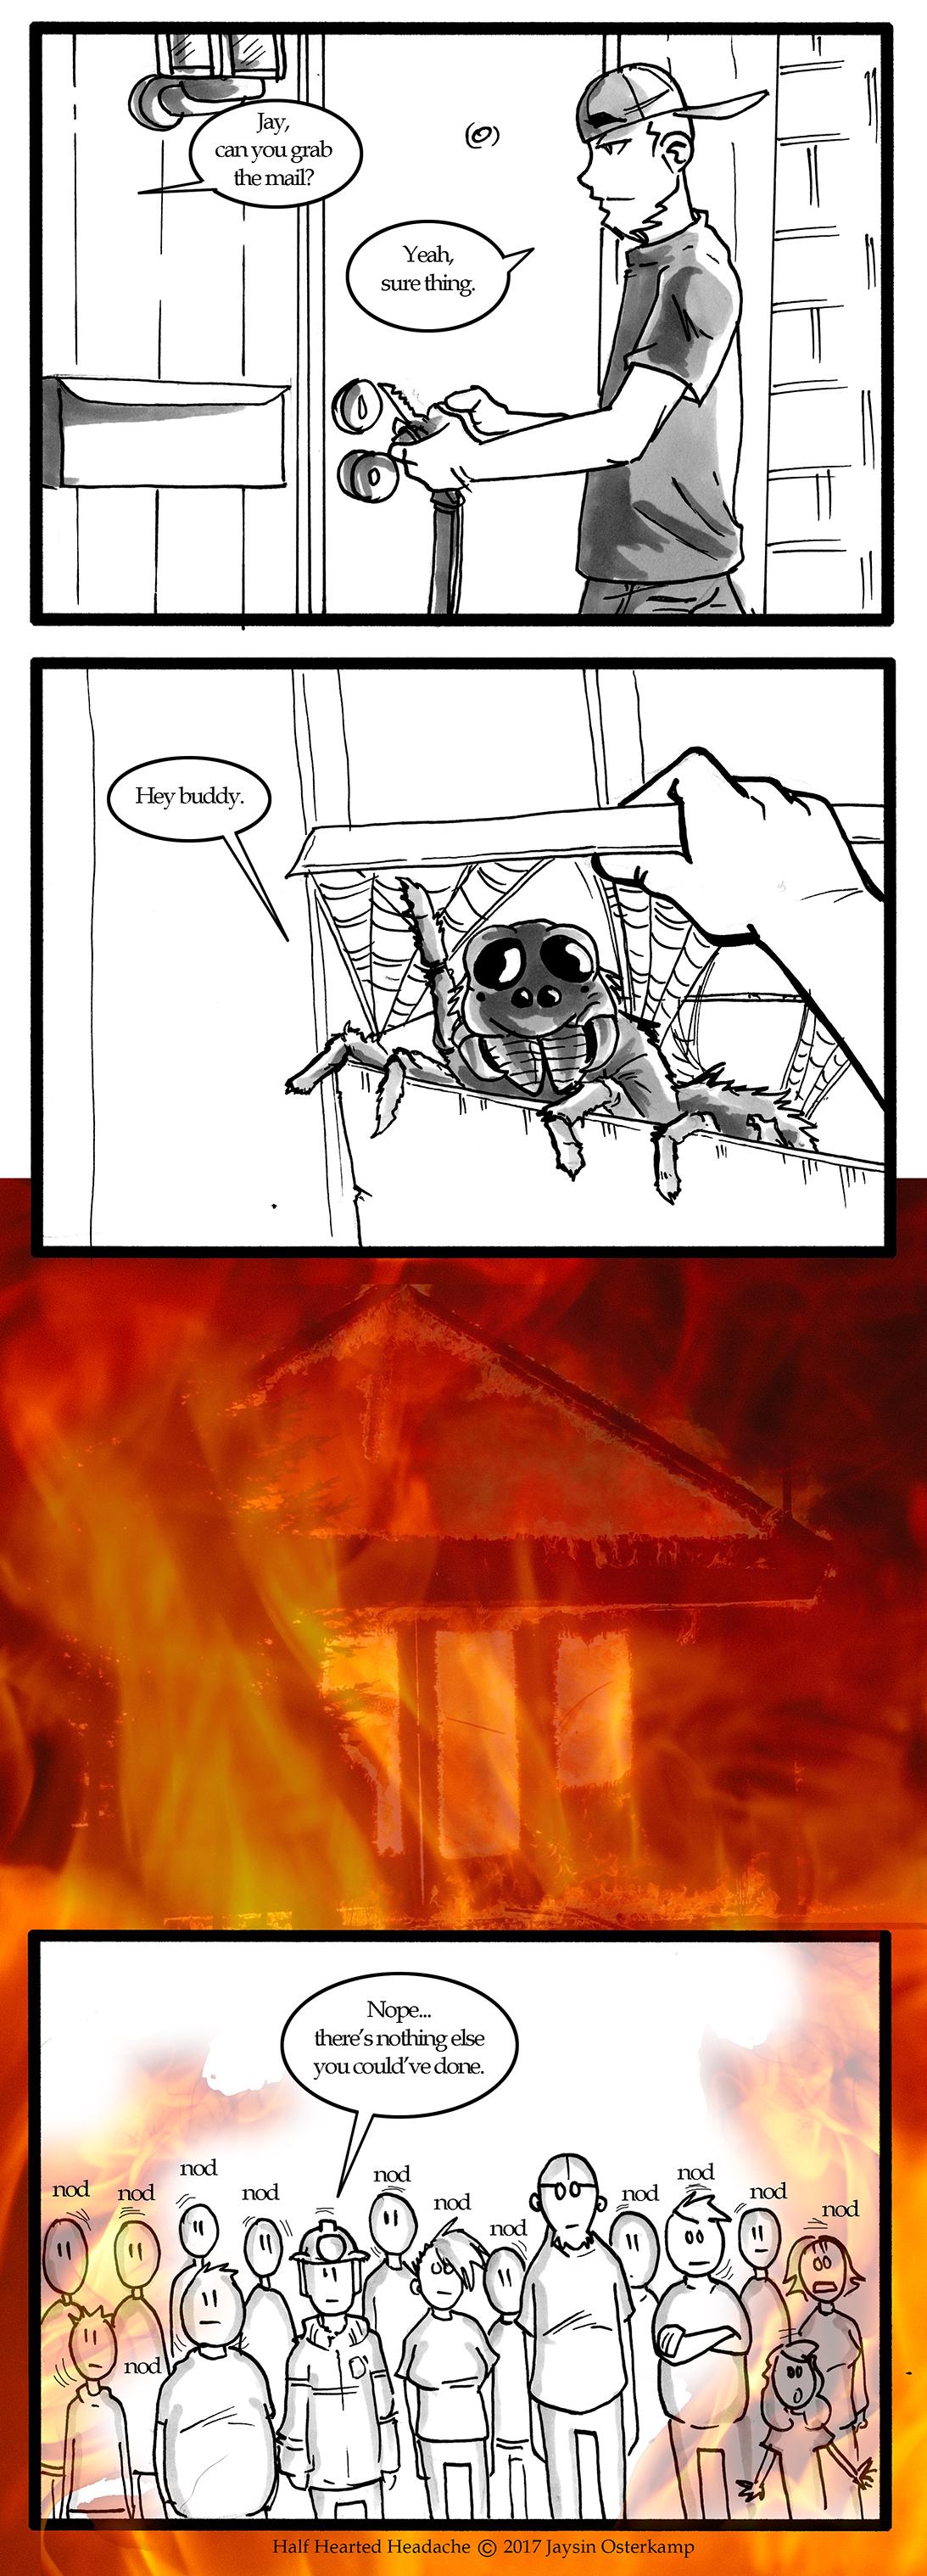 229 – Spider fire